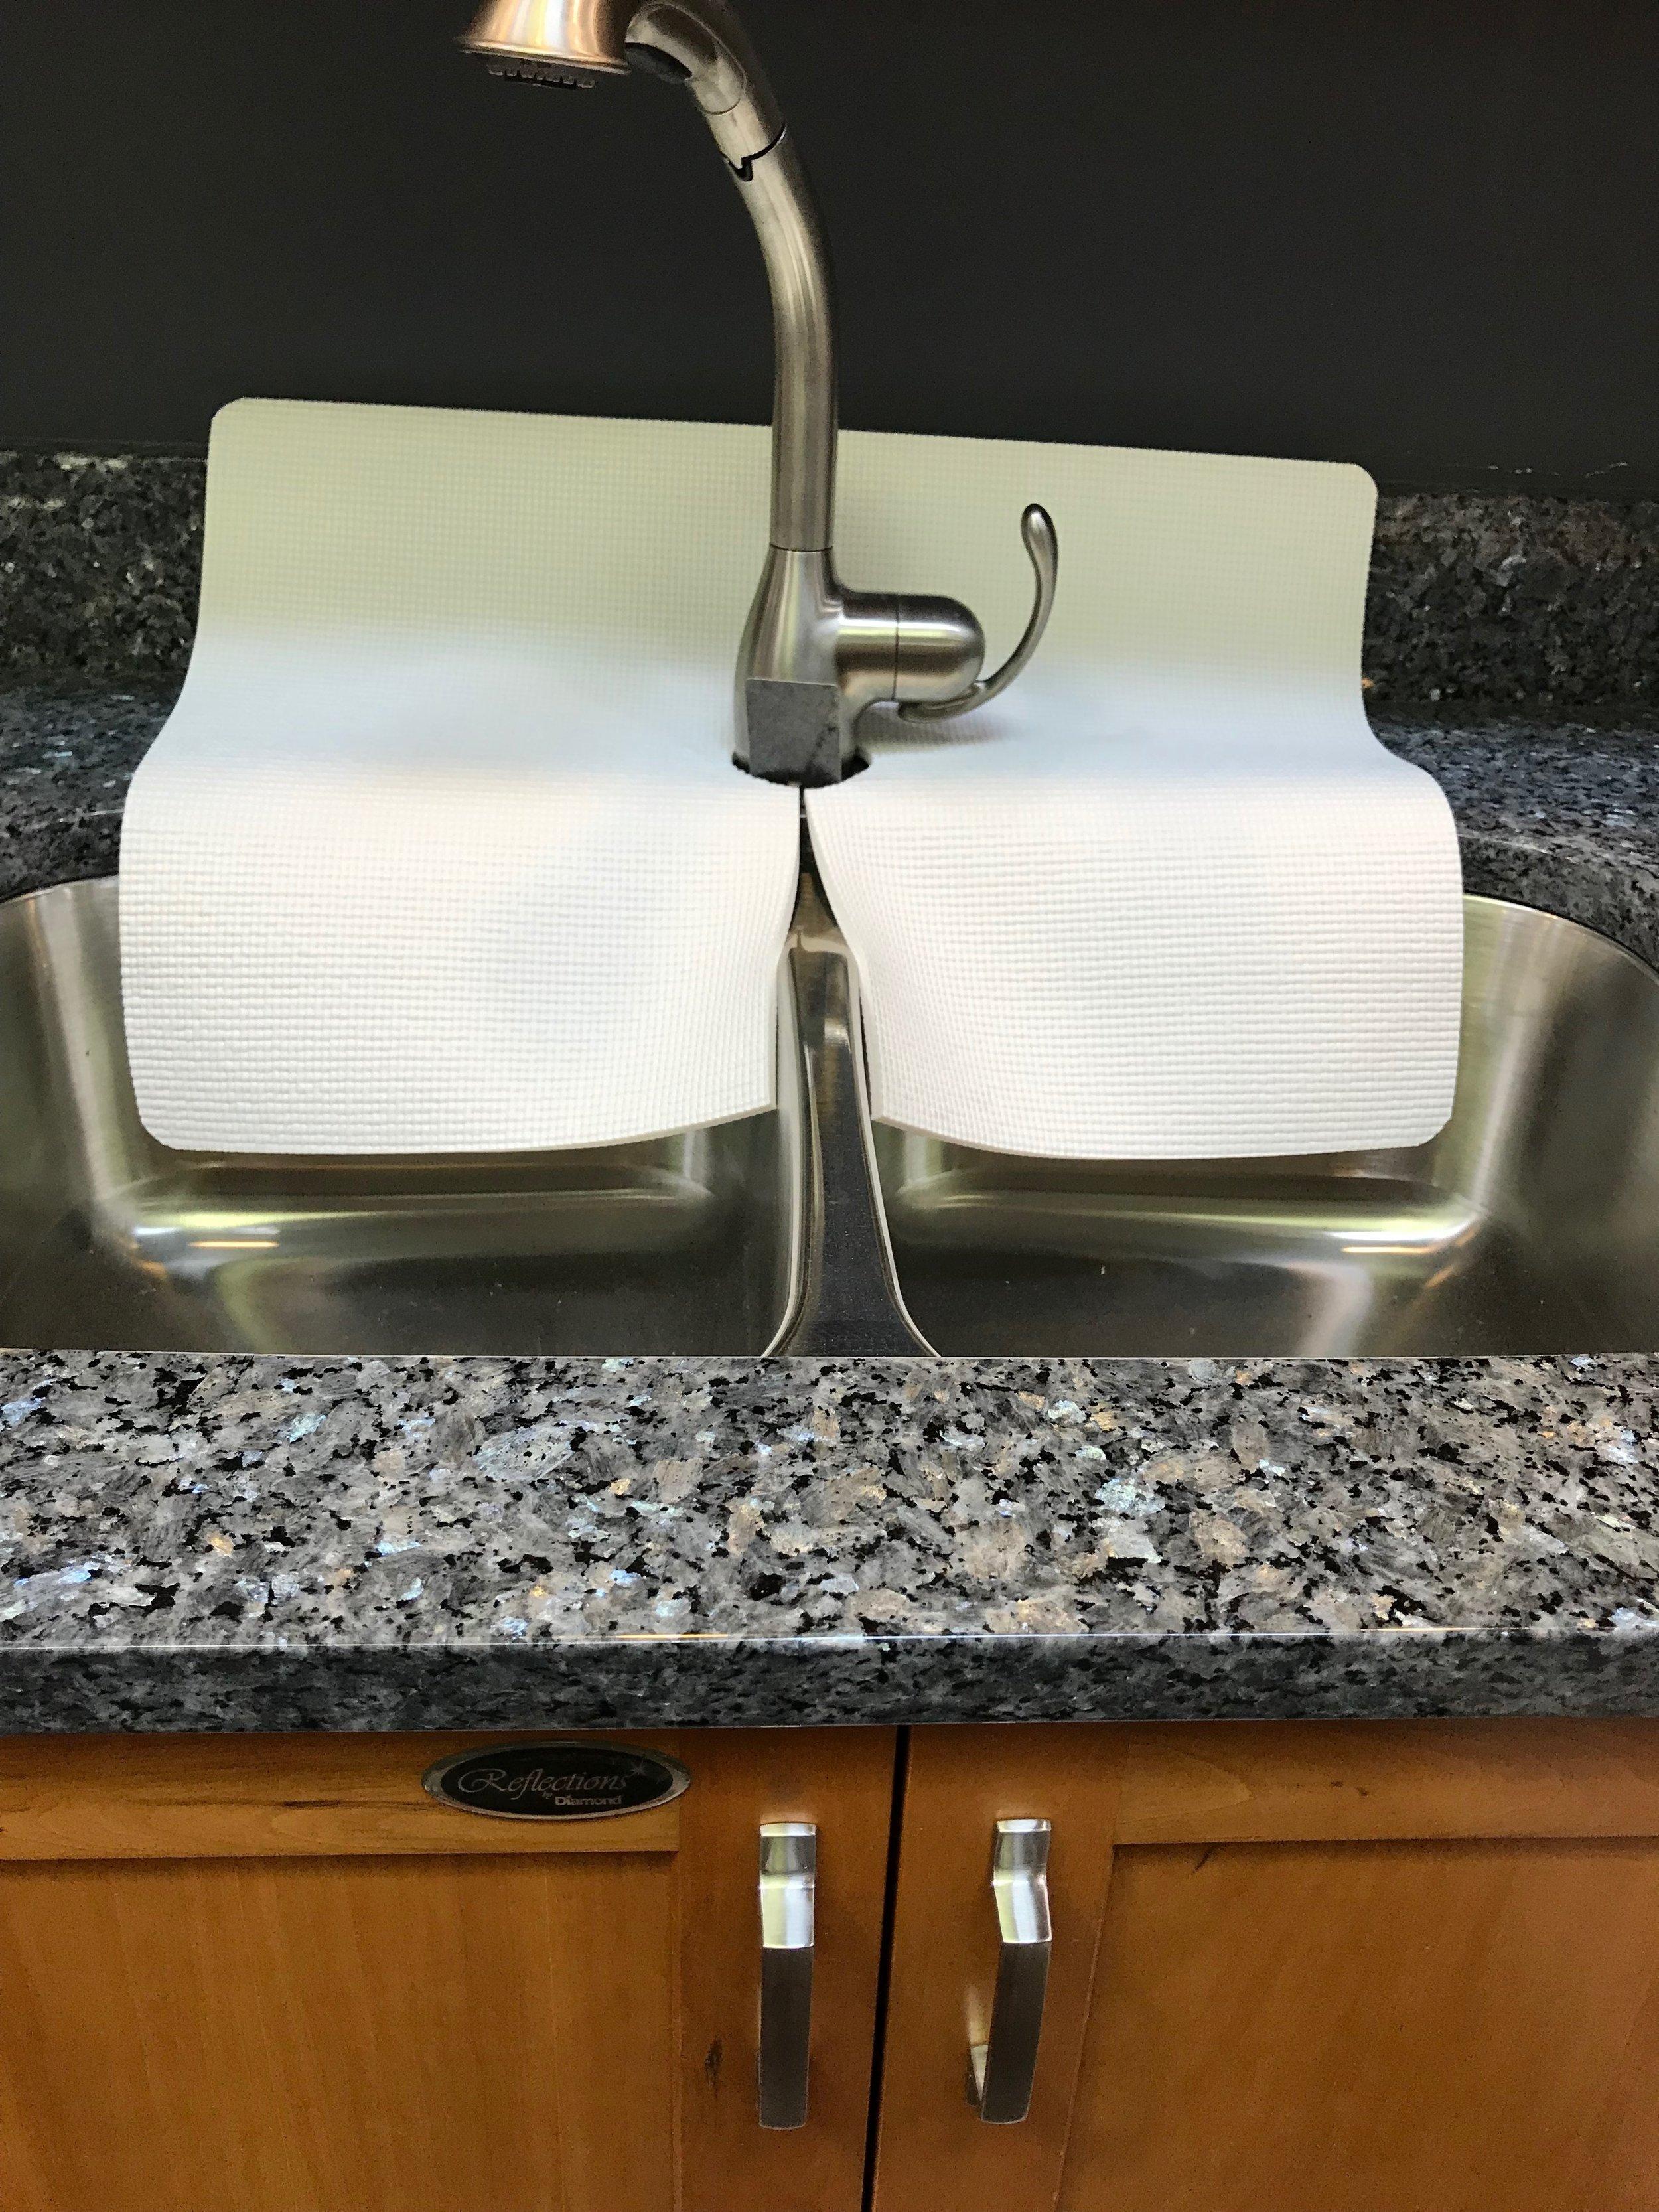 double sink faucet splash guards